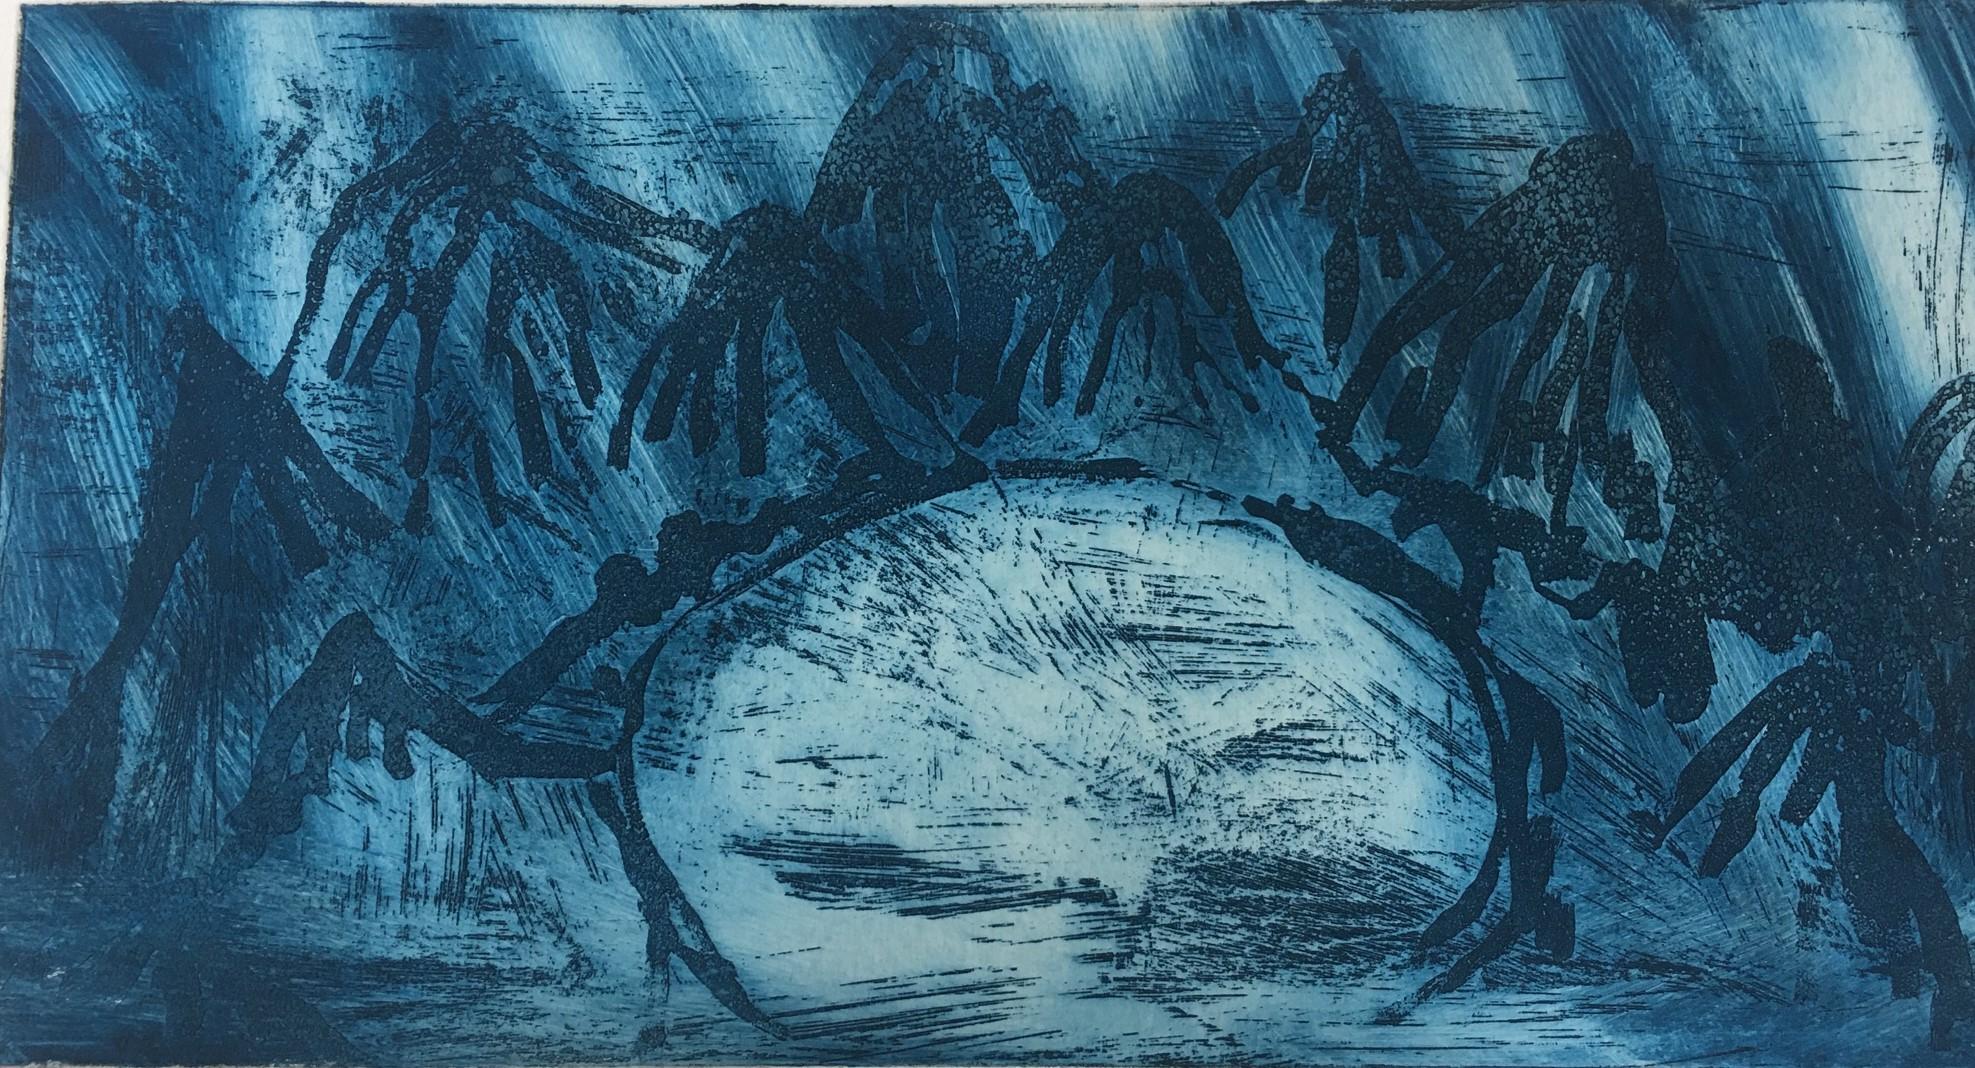 (c) Bianca Scheich, Radierung, Blaue Berge, 2020